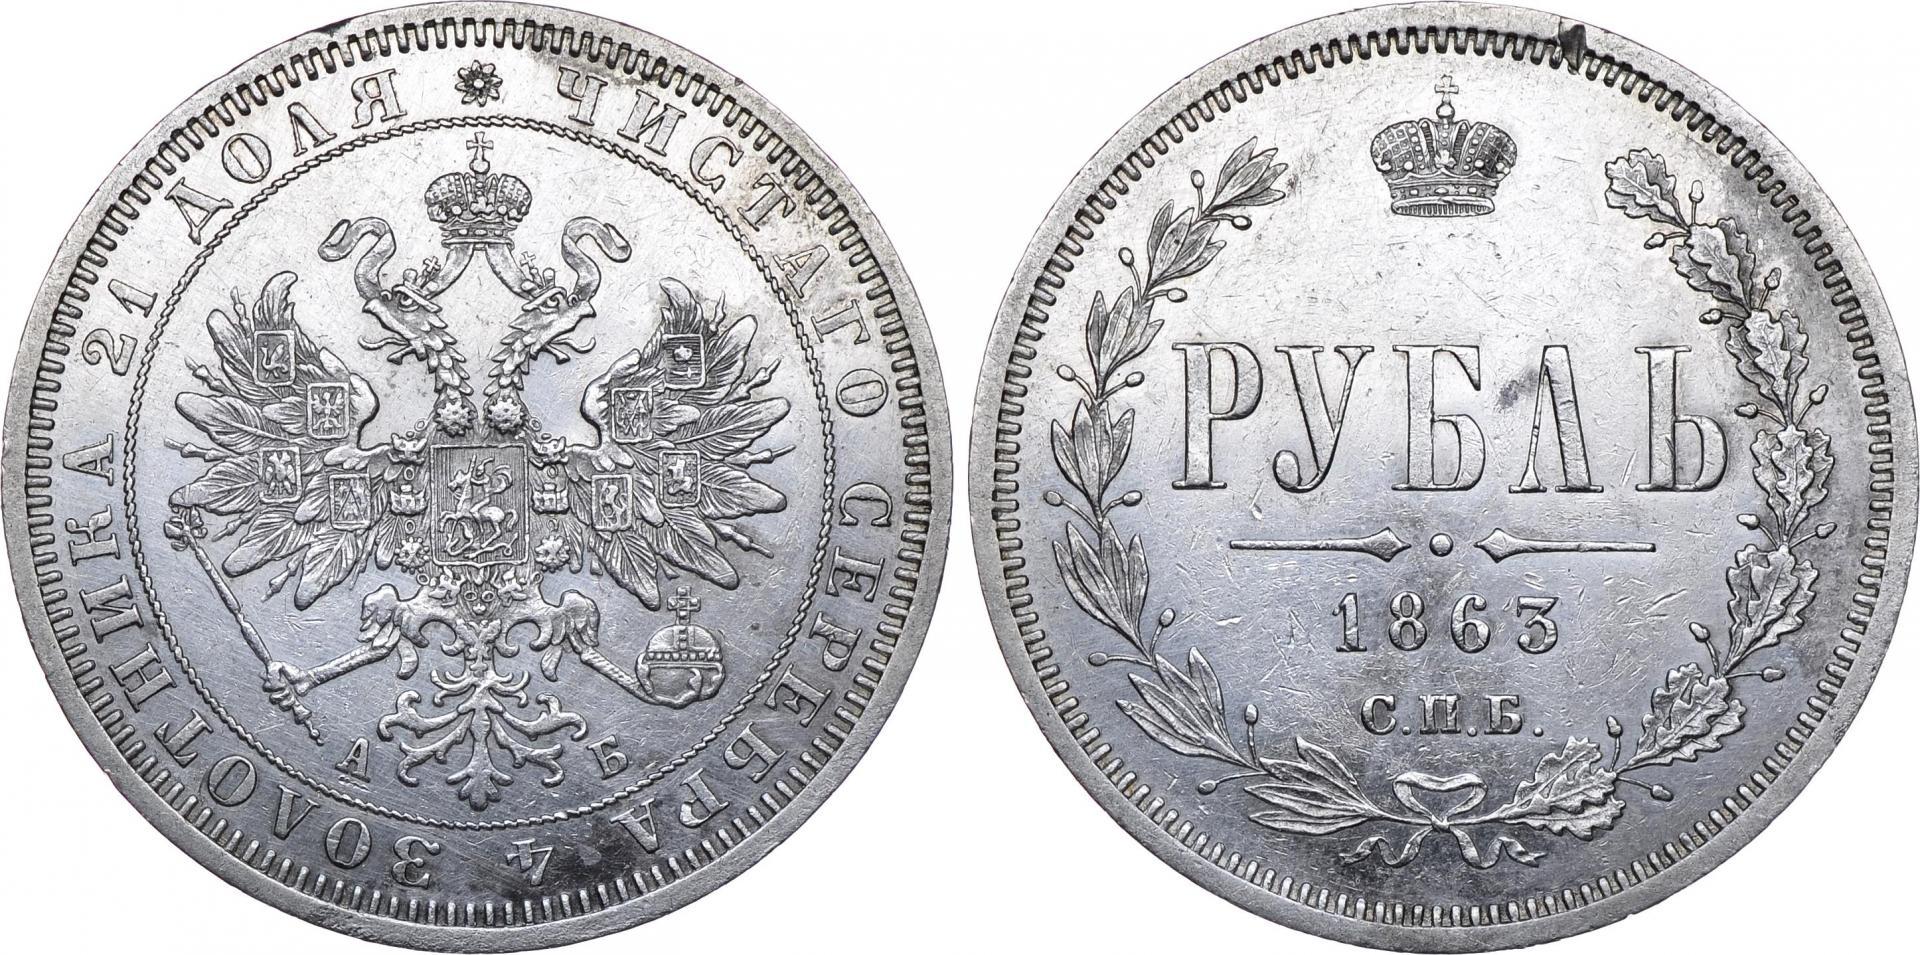 Рубль 1863 года спб герб ссср с пограничного столба купить